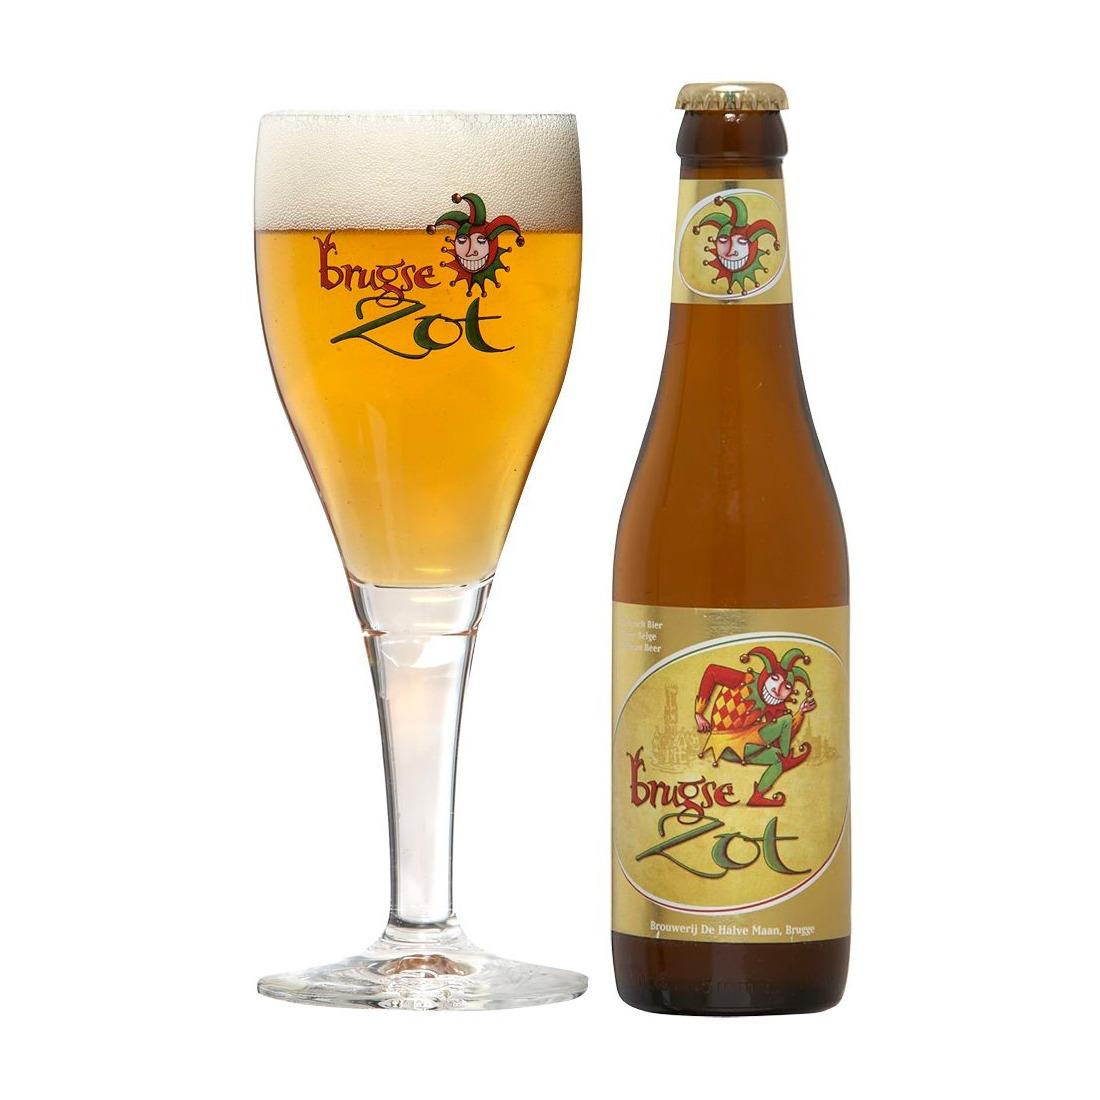 brugse-zot-brouwerij-de-halve-maan-bierwebshop